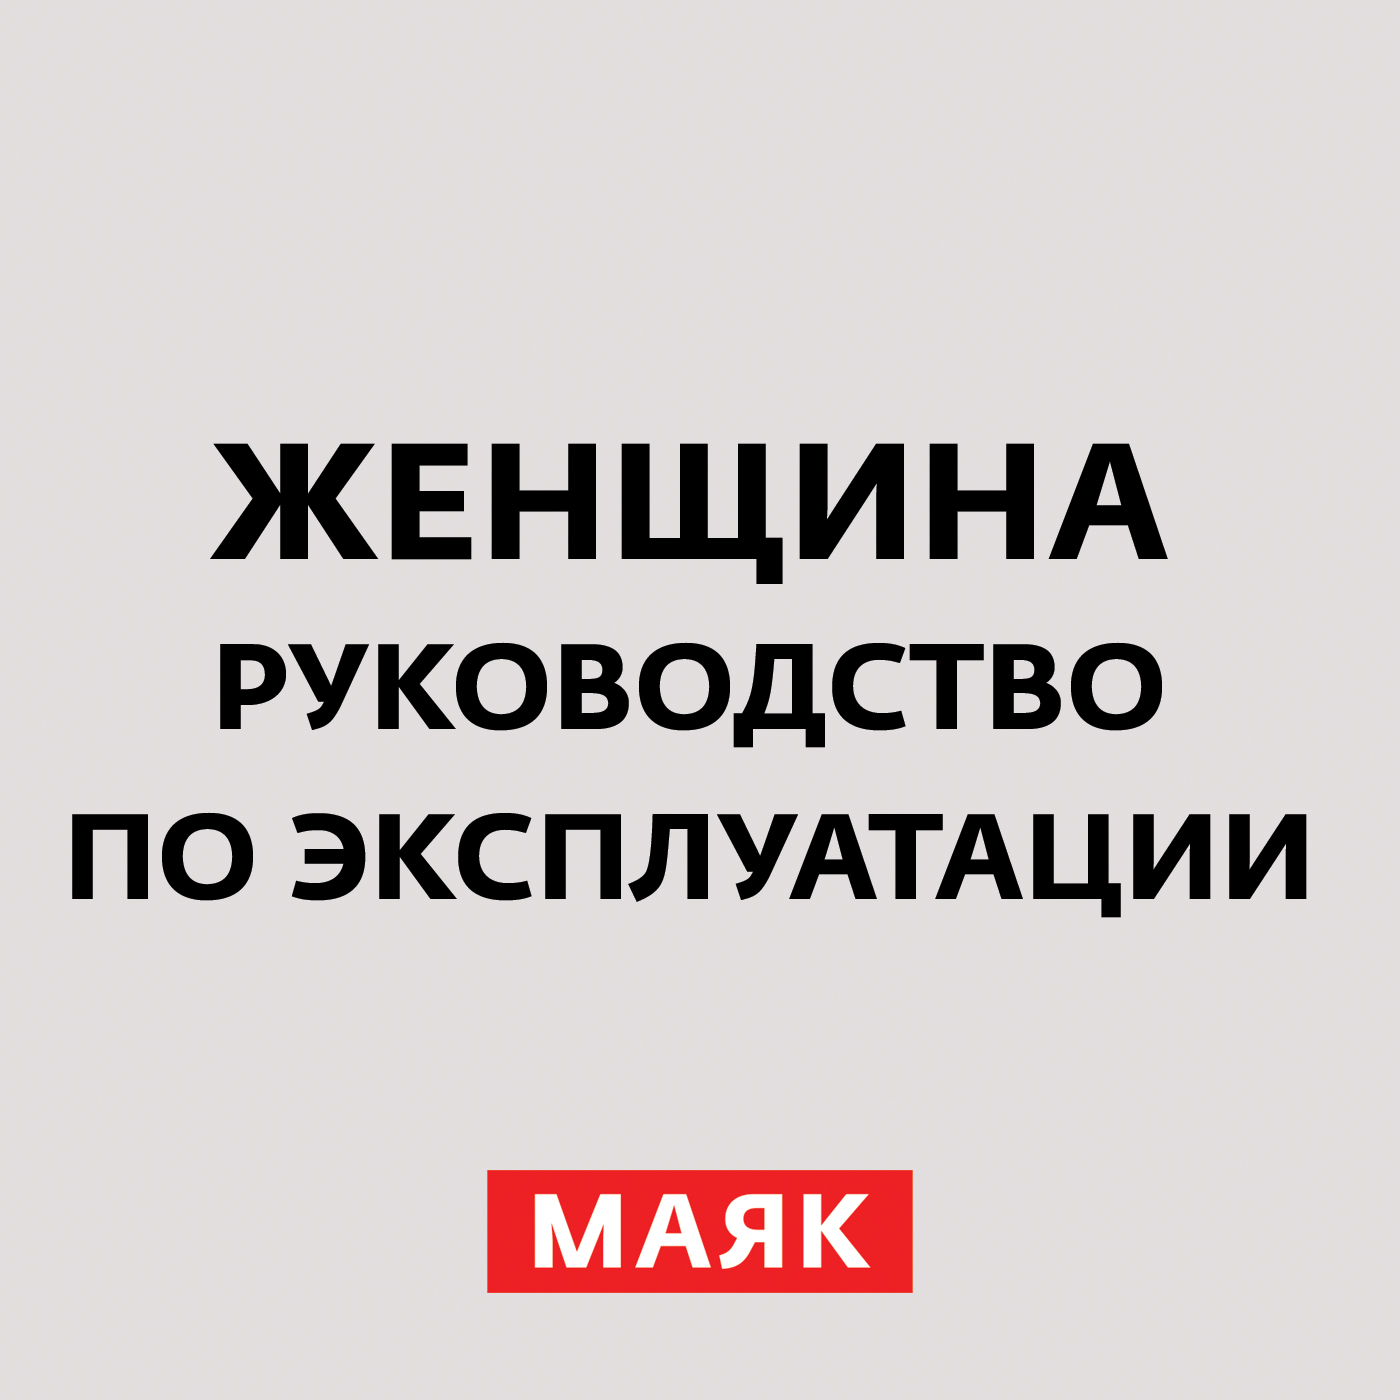 Творческий коллектив радио «Маяк» Курортные романы творческий коллектив радио маяк распутин продолжение